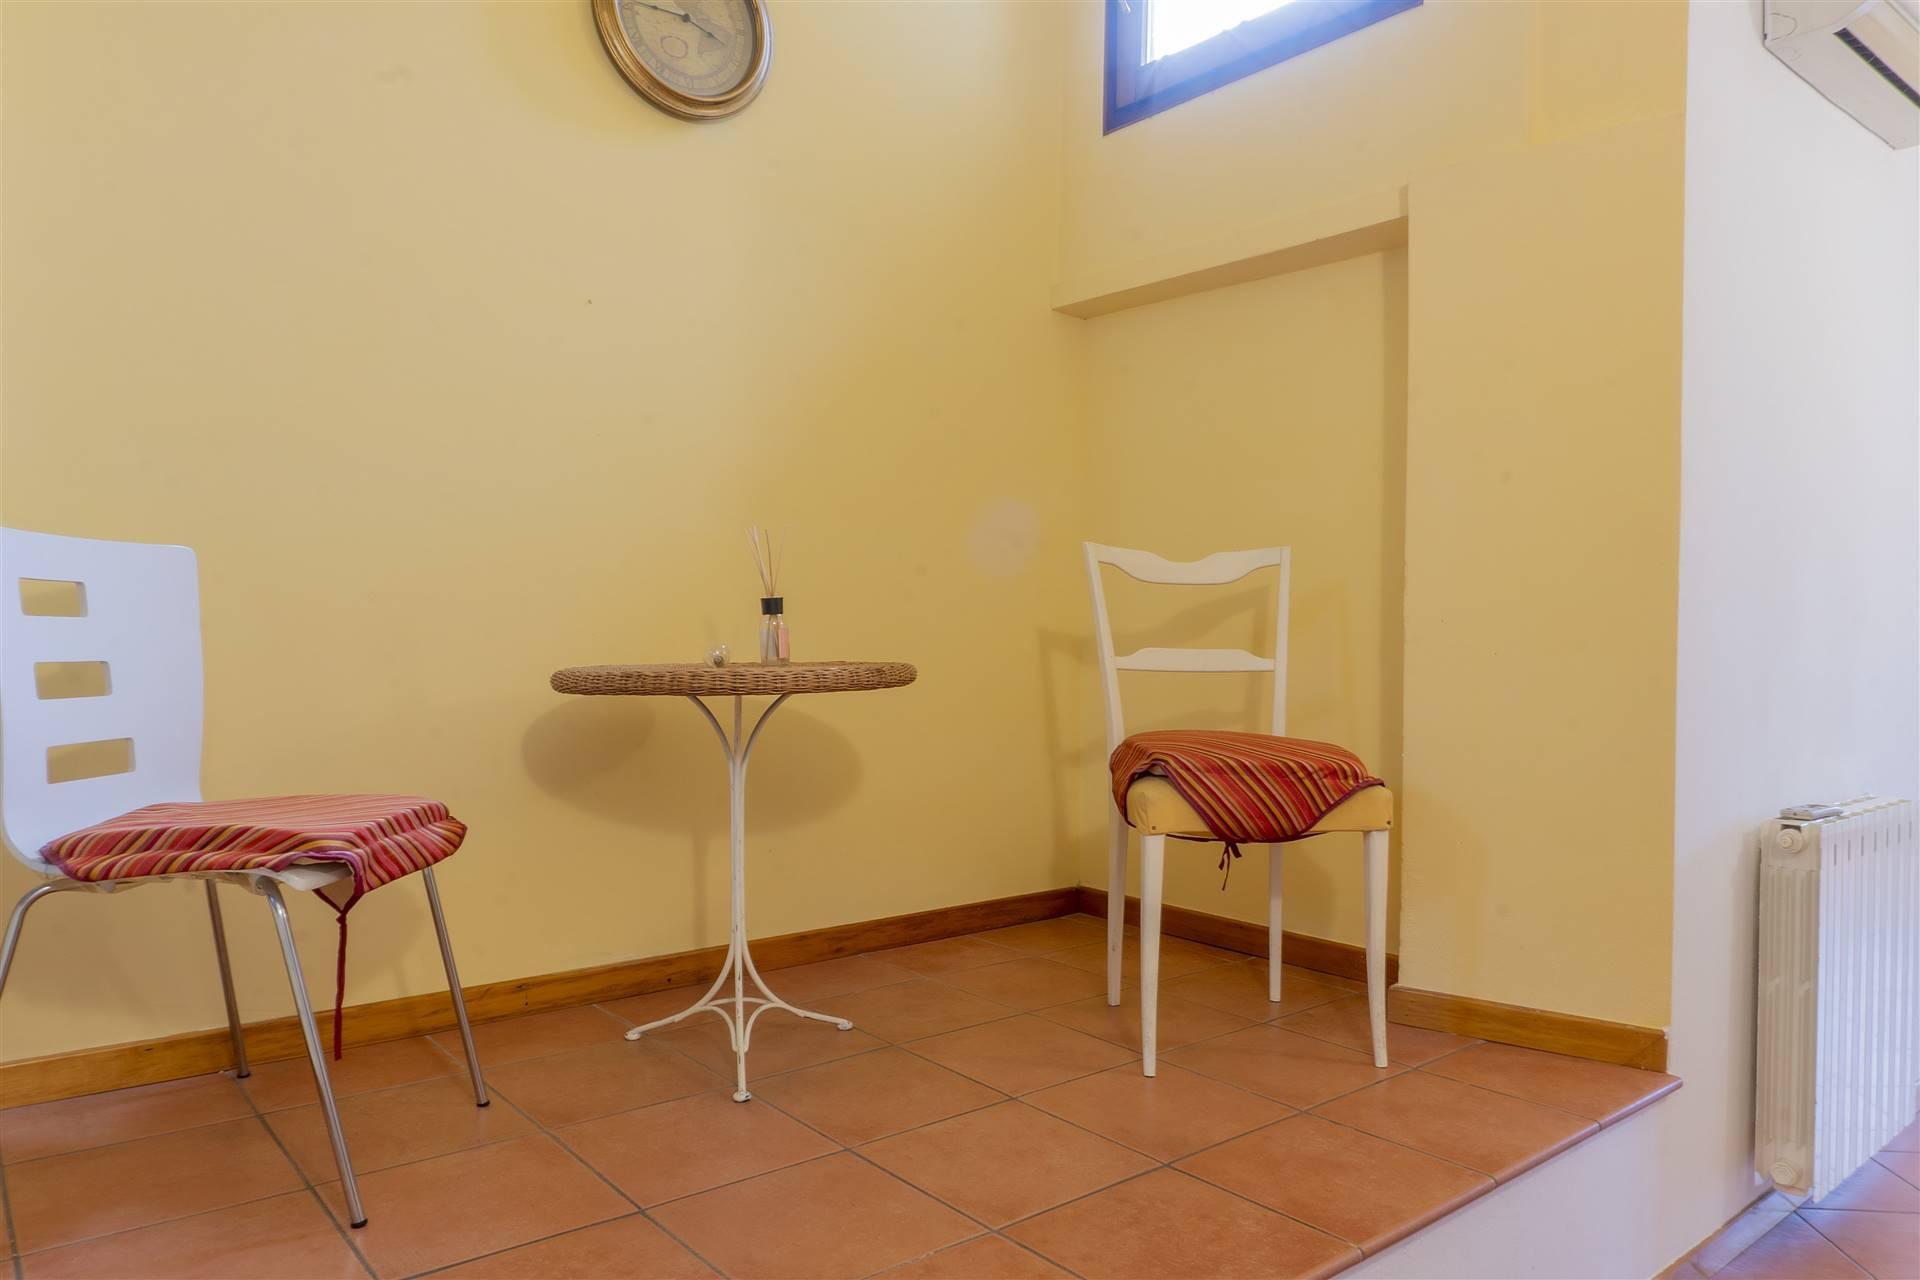 PESCIA, Appartamento in affitto di 84 Mq, Ottime condizioni, Riscaldamento Autonomo, Classe energetica: G, Epi: 339,1 kwh/m2 anno, posto al piano 1°